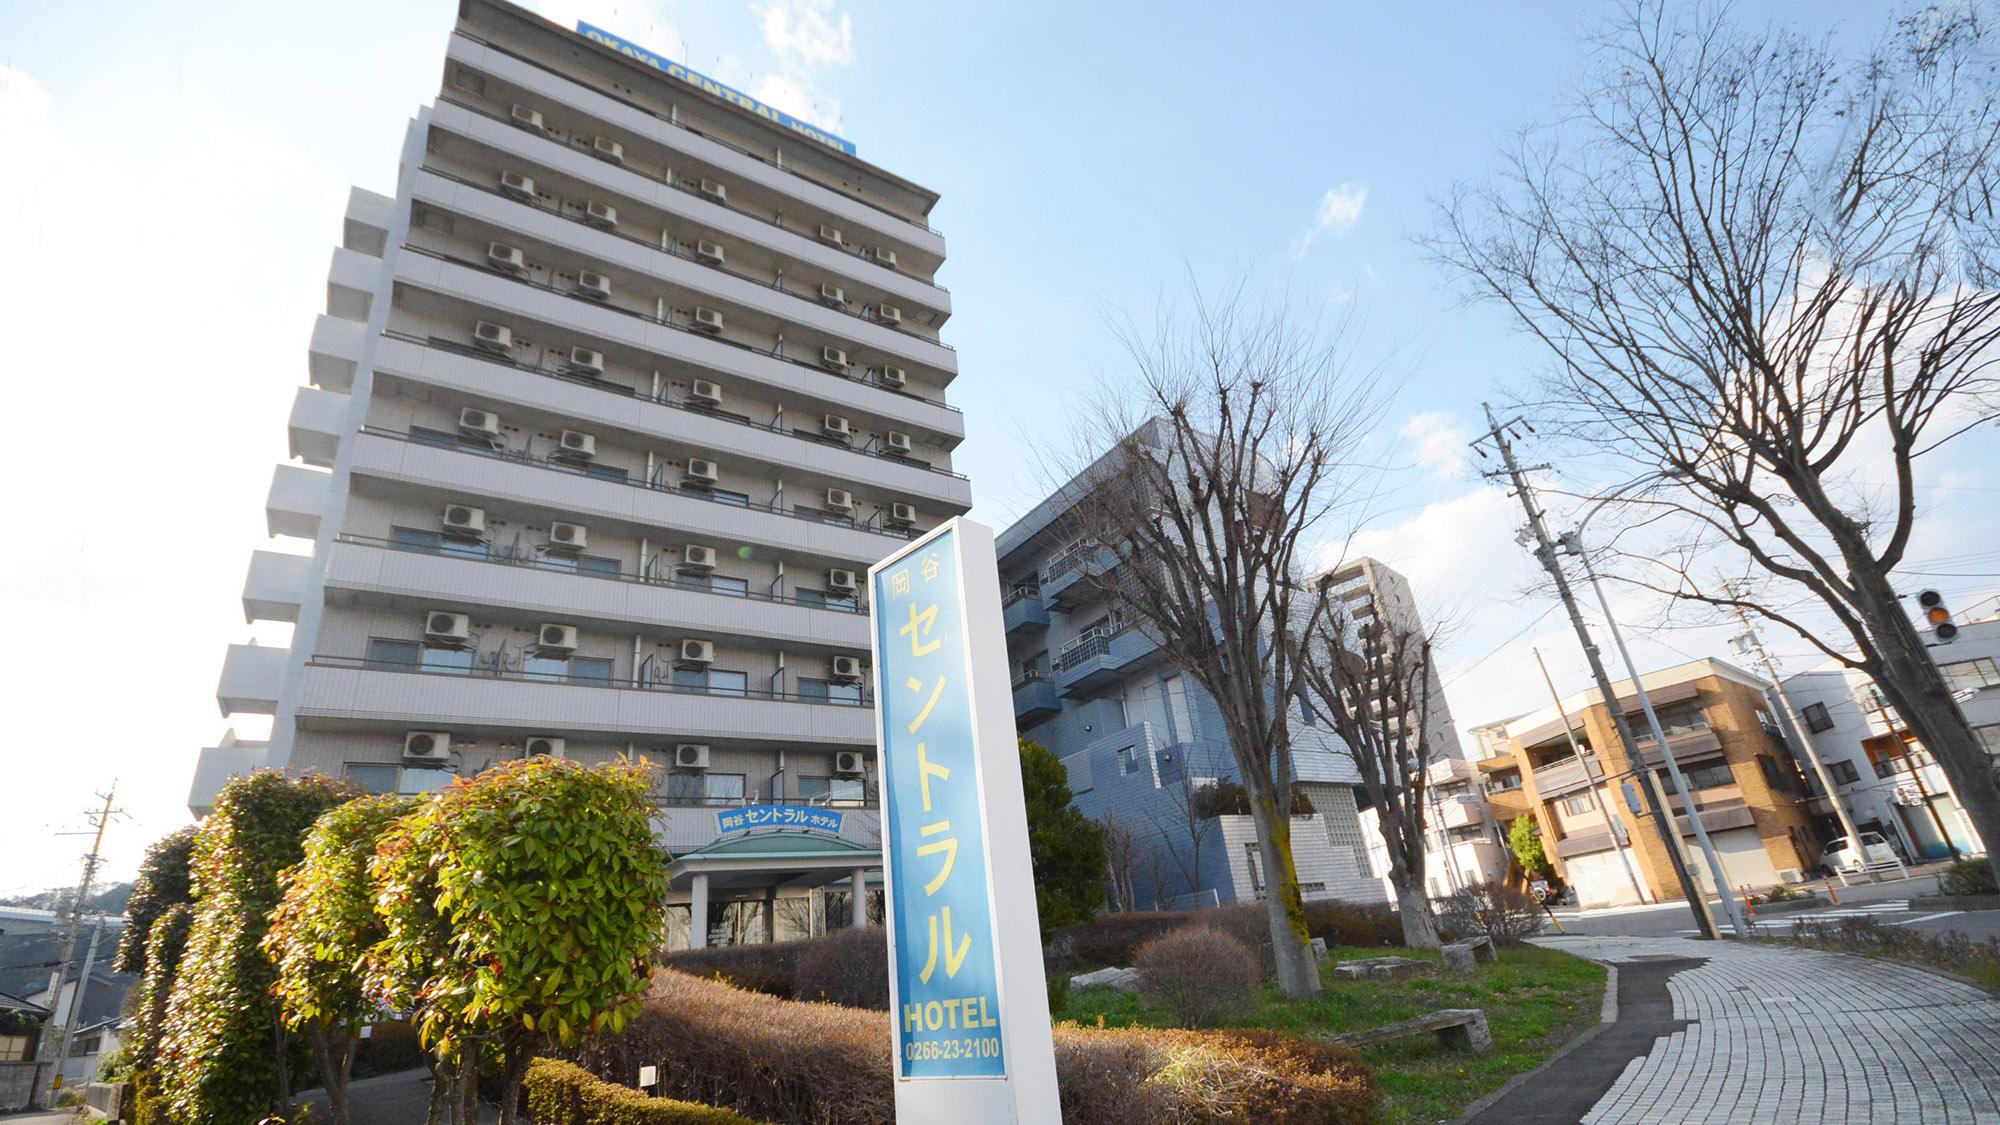 岡谷セントラルホテル 岡谷駅前(BBHホテルグループ)の施設画像